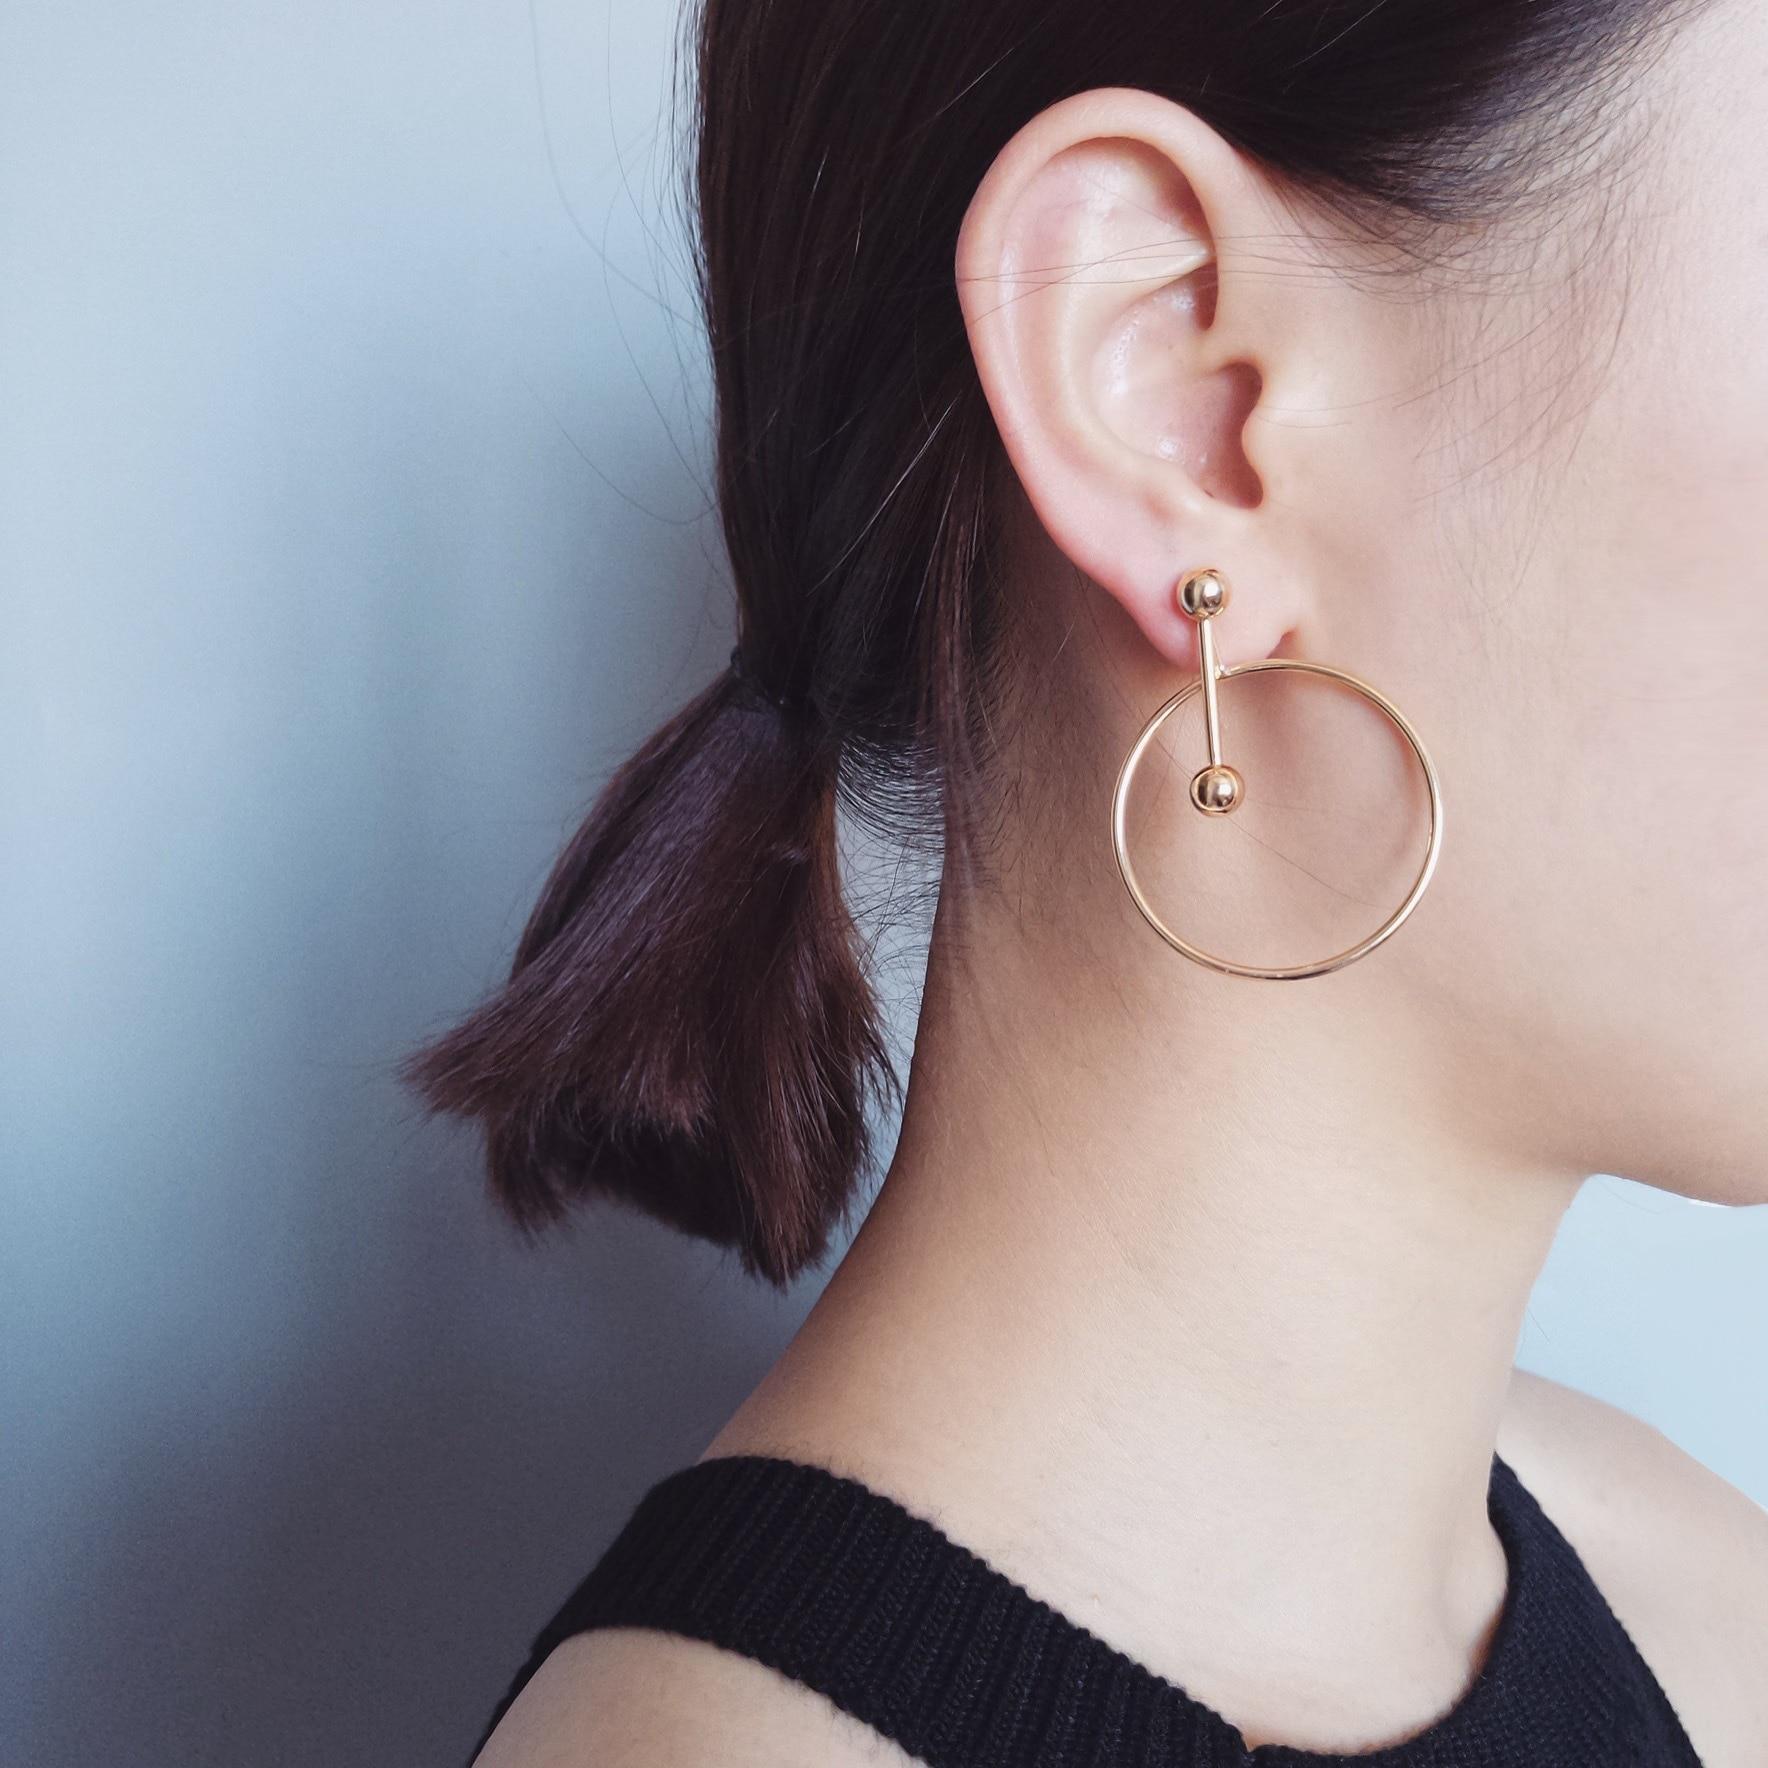 ¡Novedad de primavera y verano de 2019! anillo hueco de aleación de estaño geométrico para mujer, pendientes circulares simples Diseño de geometría